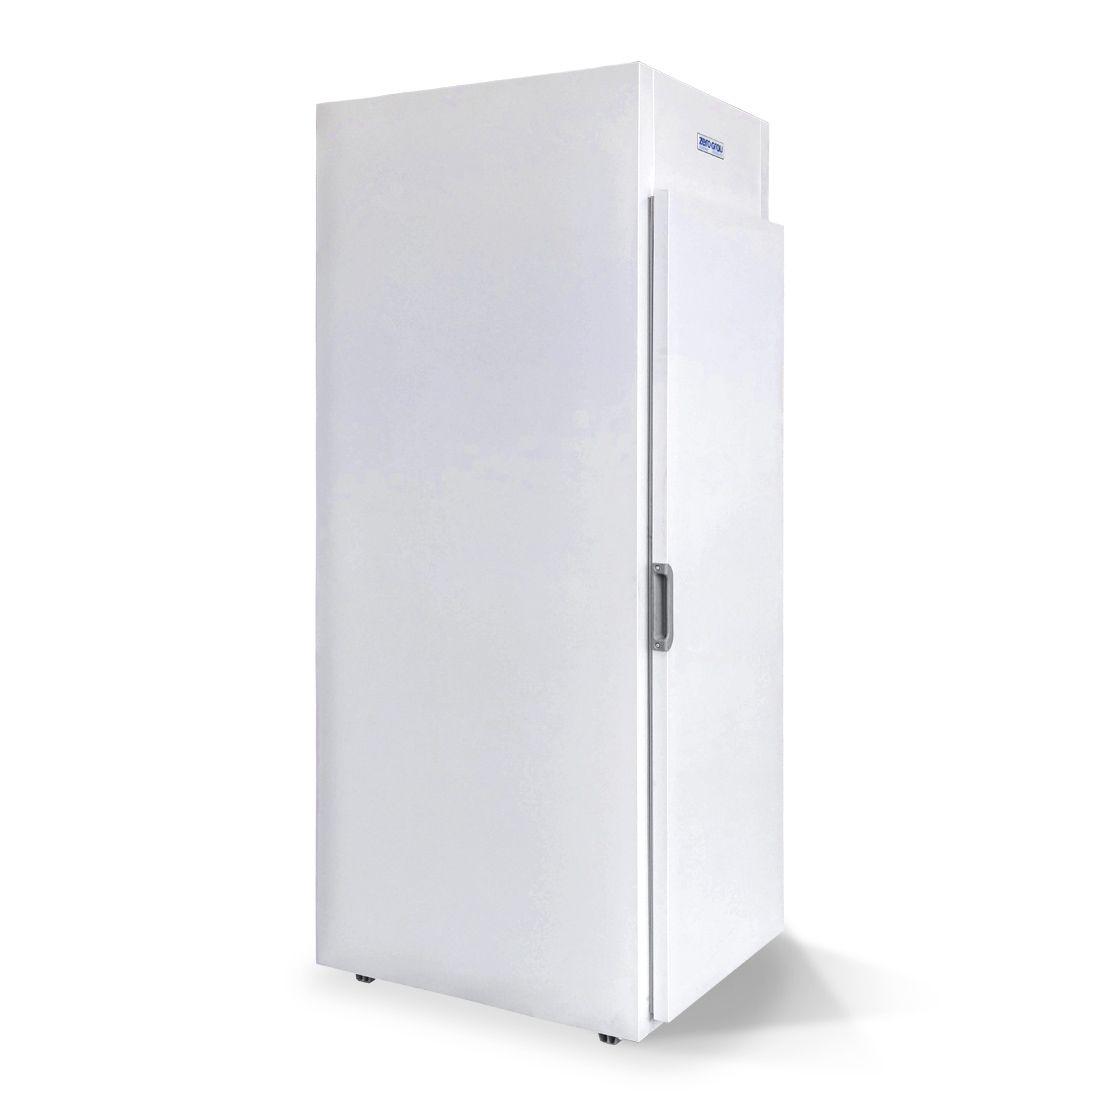 Conservador 740 Litros de 1 Porta para Gelo  - Zero Grau Store